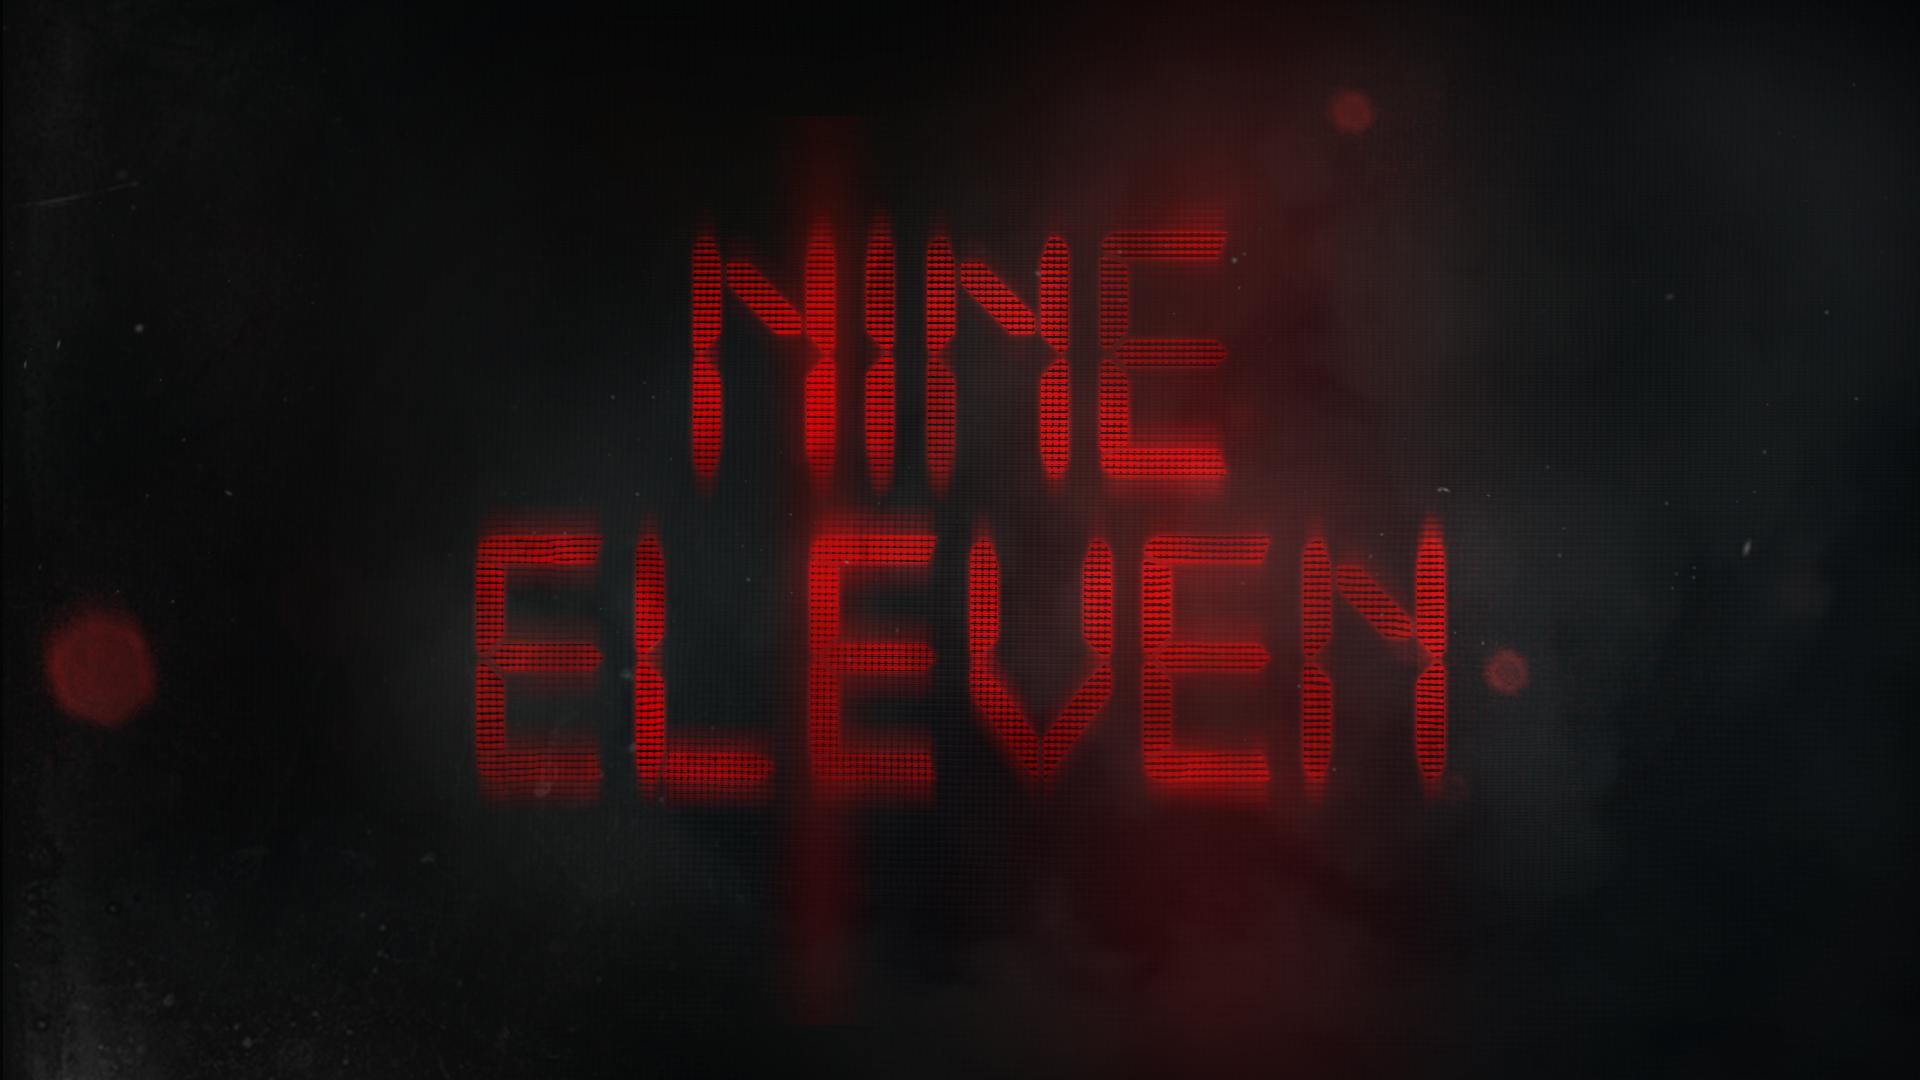 NineEleven_08.jpg